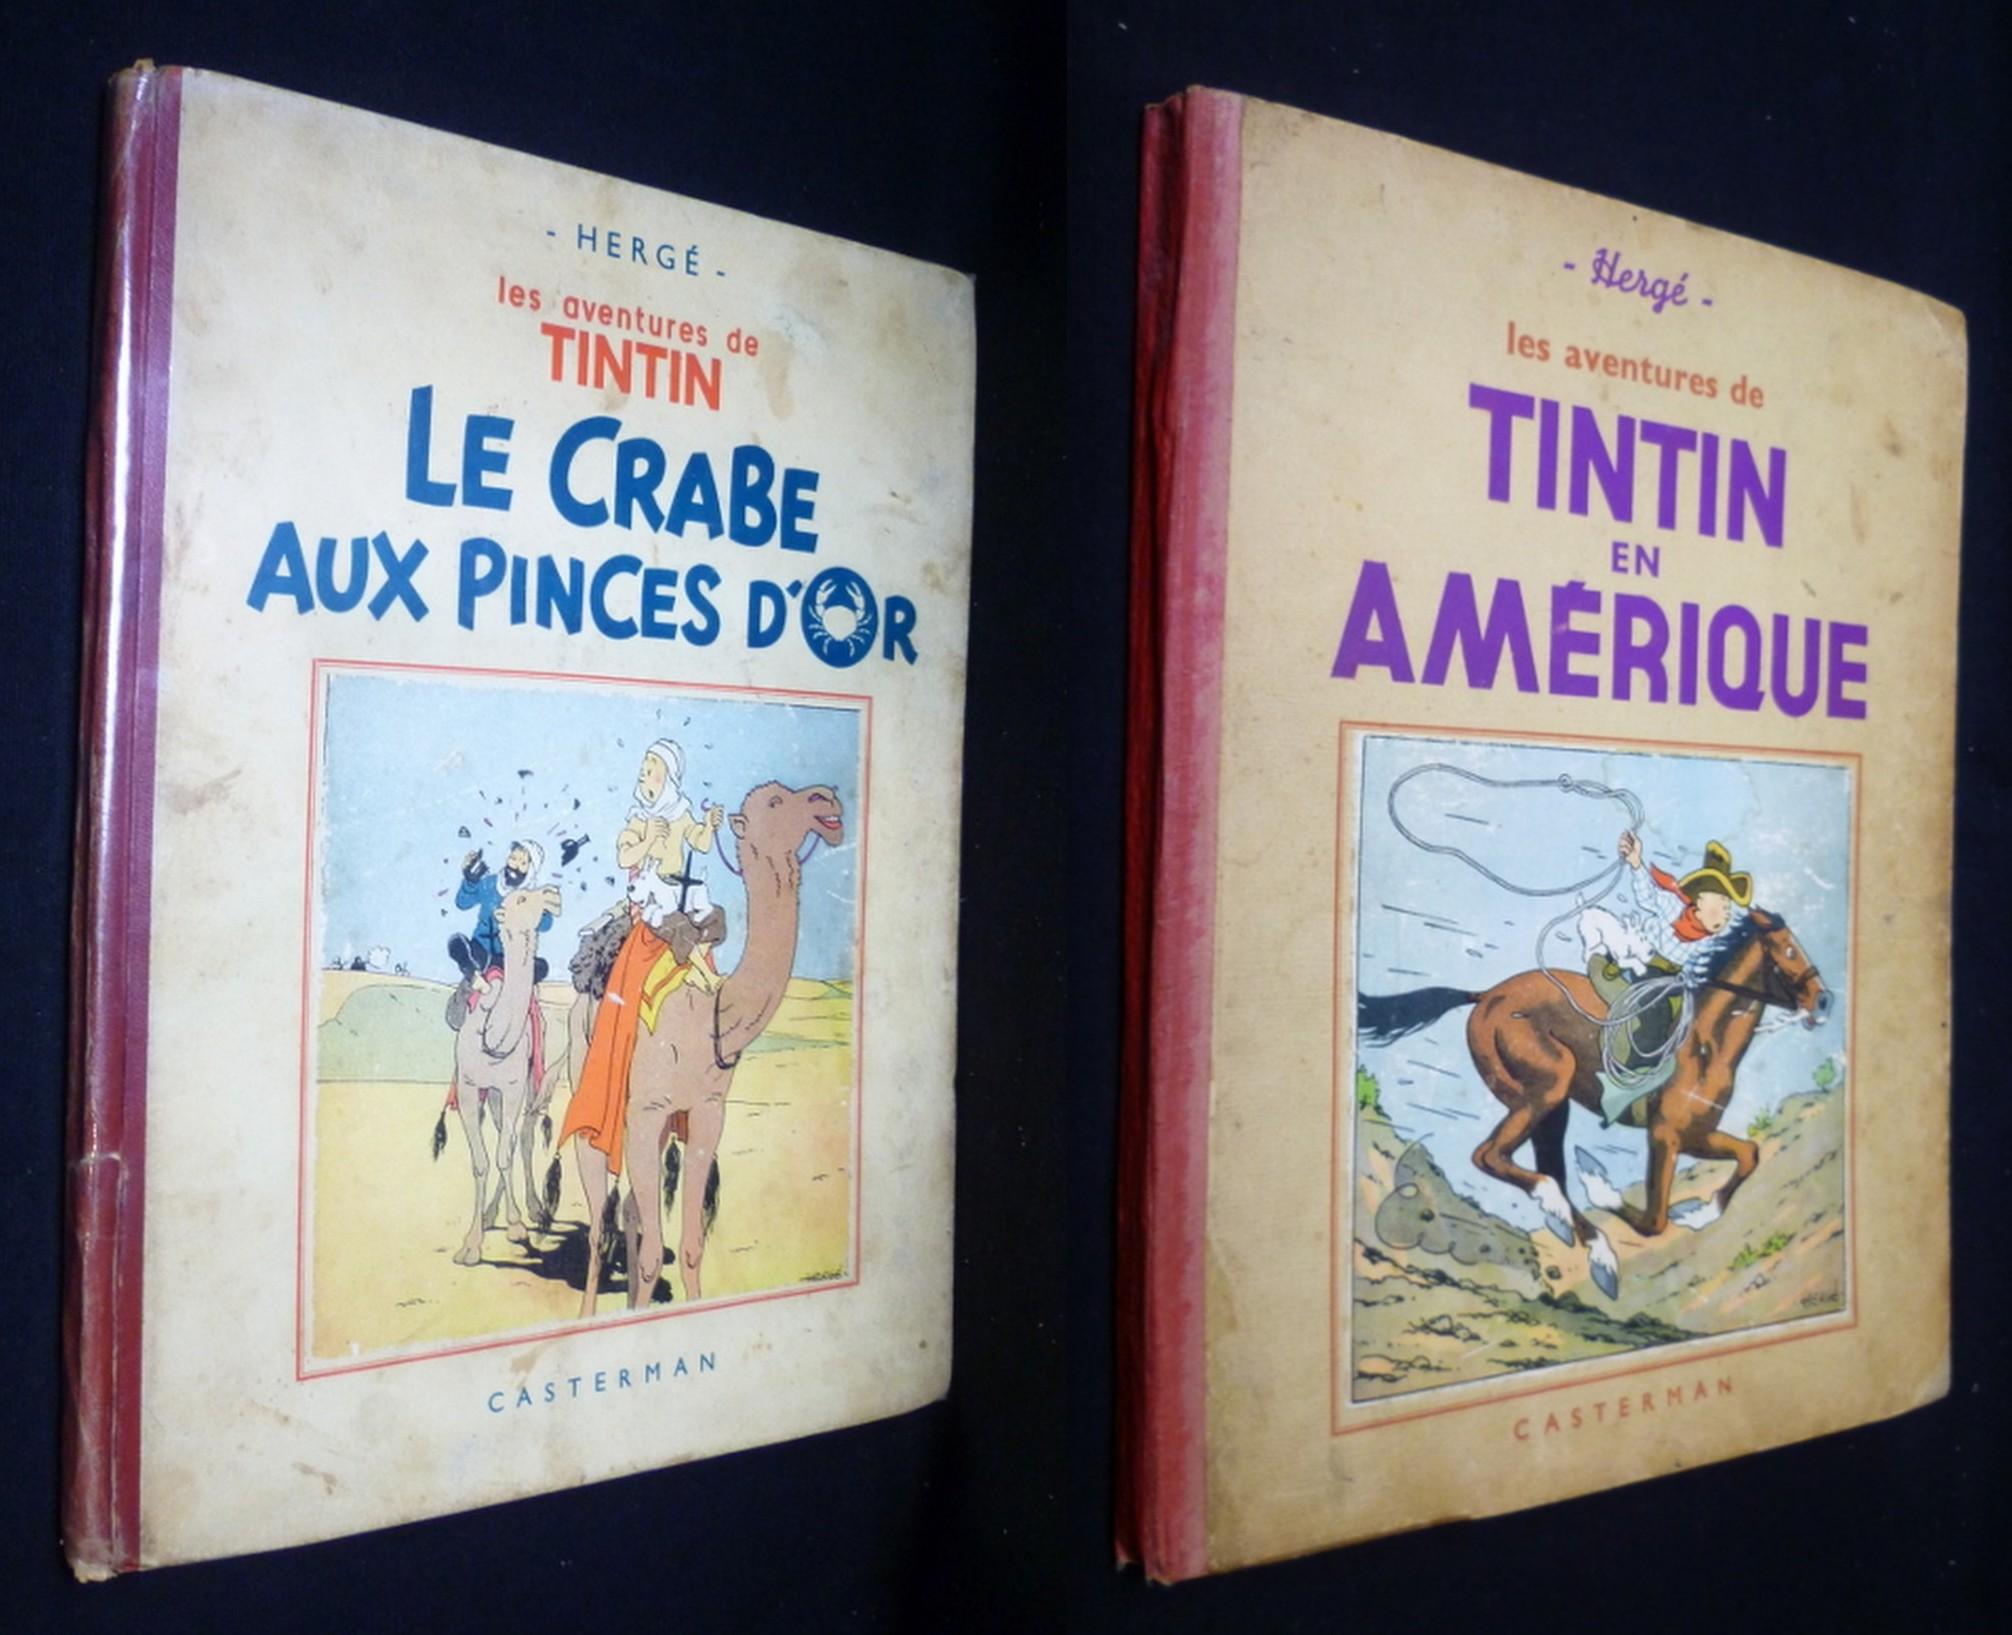 TINTIN Hergé RG tintin.com